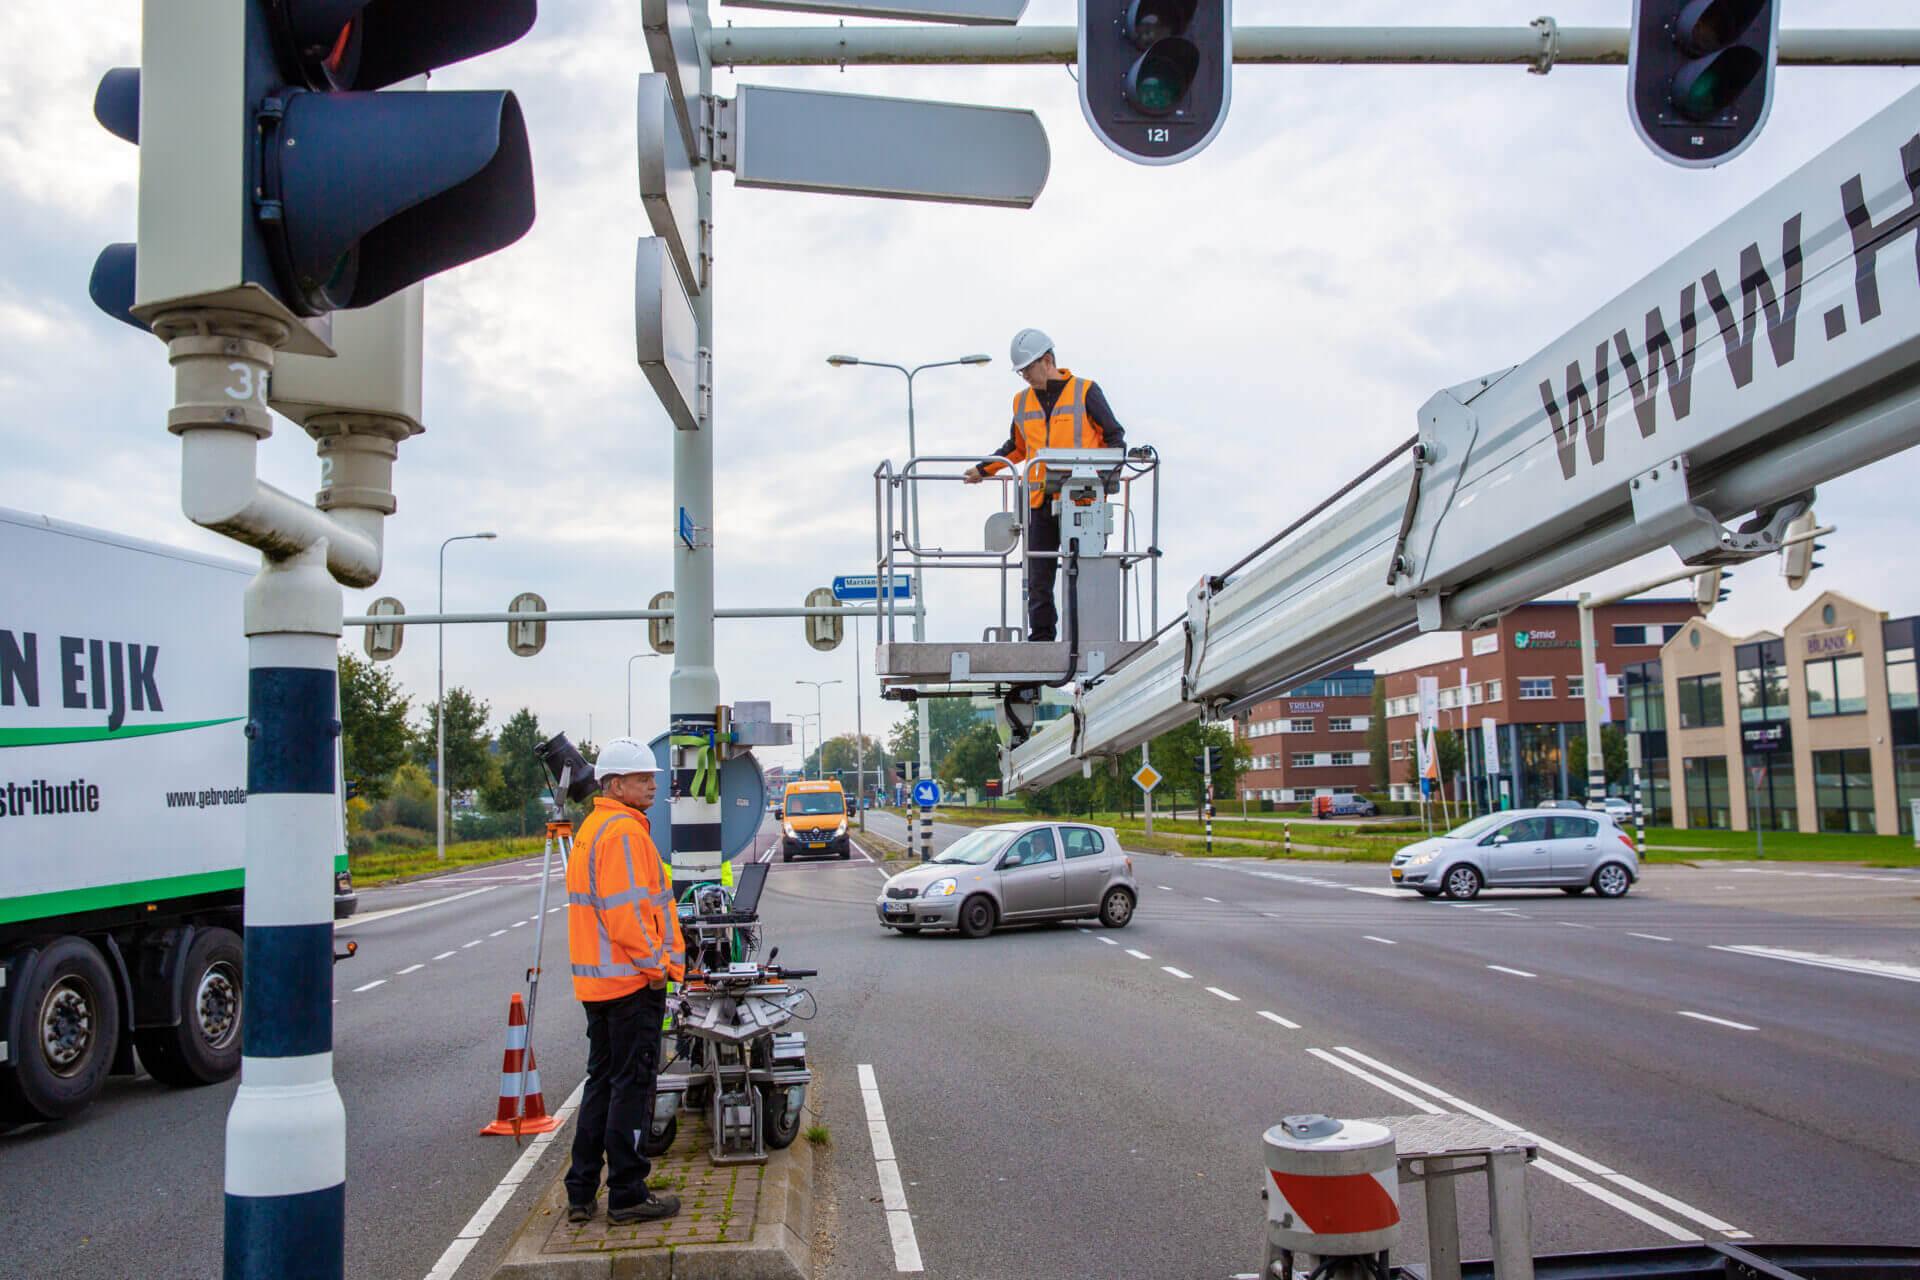 verkeersregelinstallaties controle